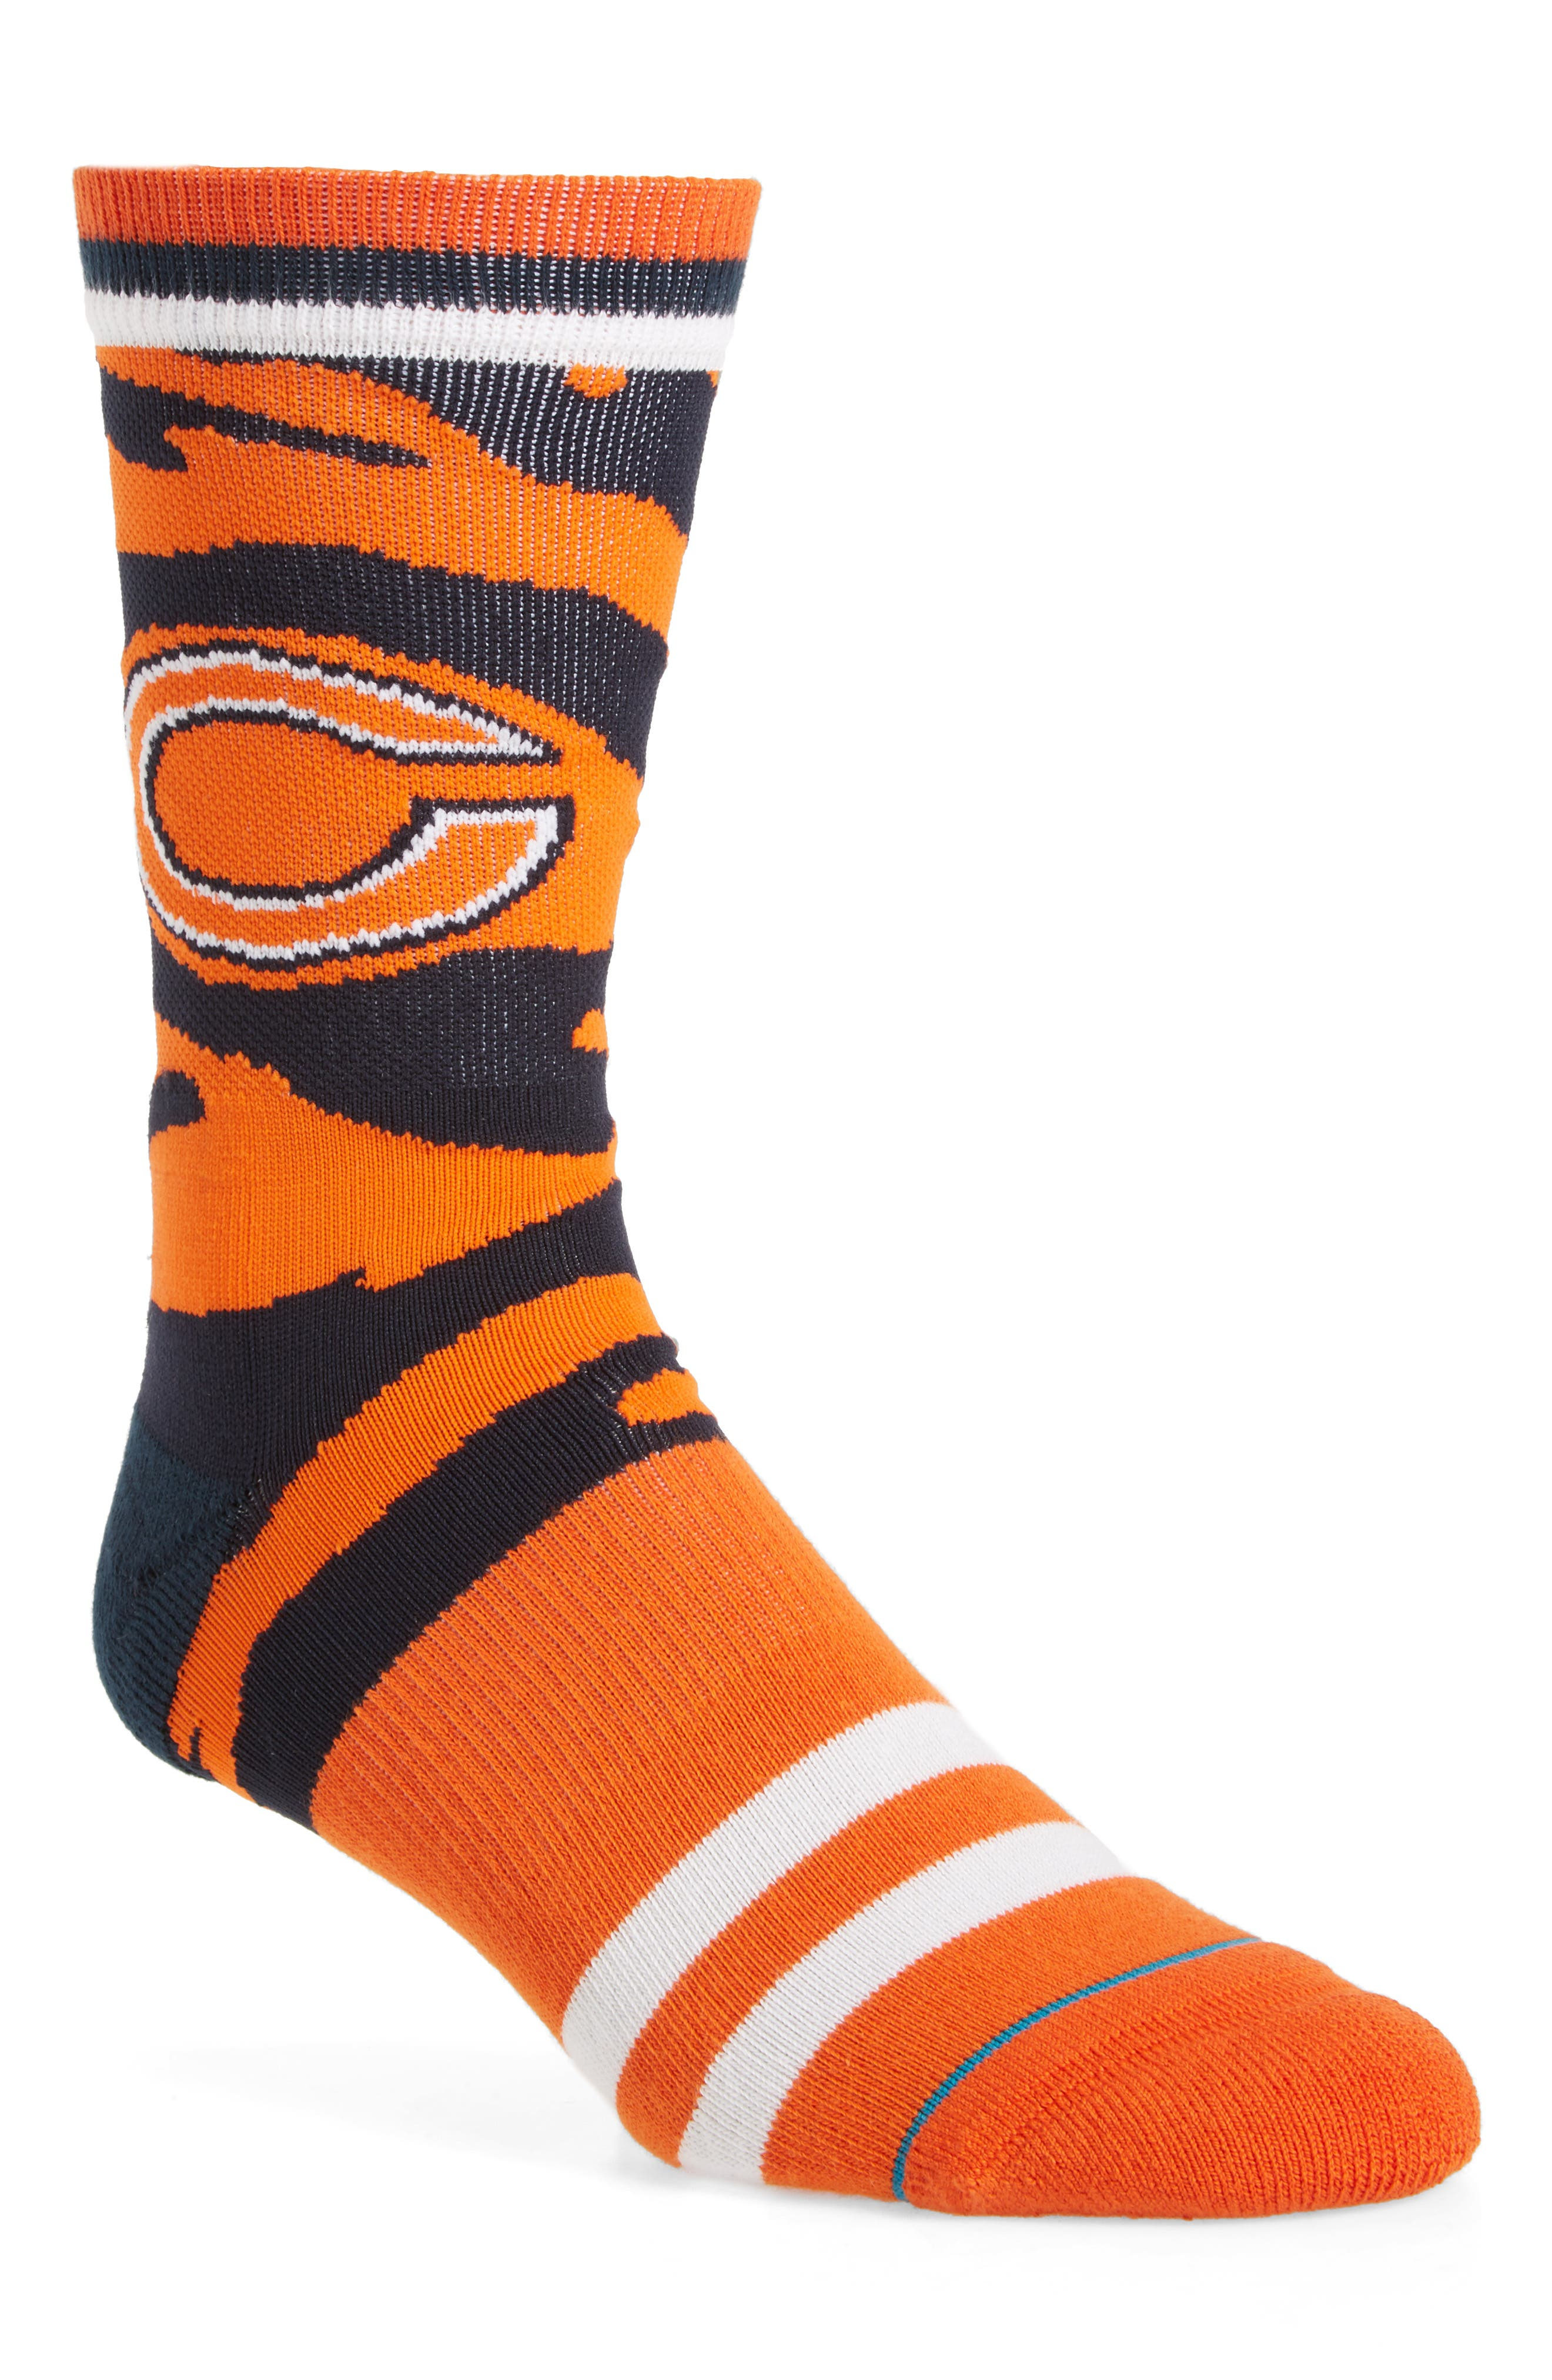 Chicago Bears - Tiger Stripe Socks,                         Main,                         color, 800